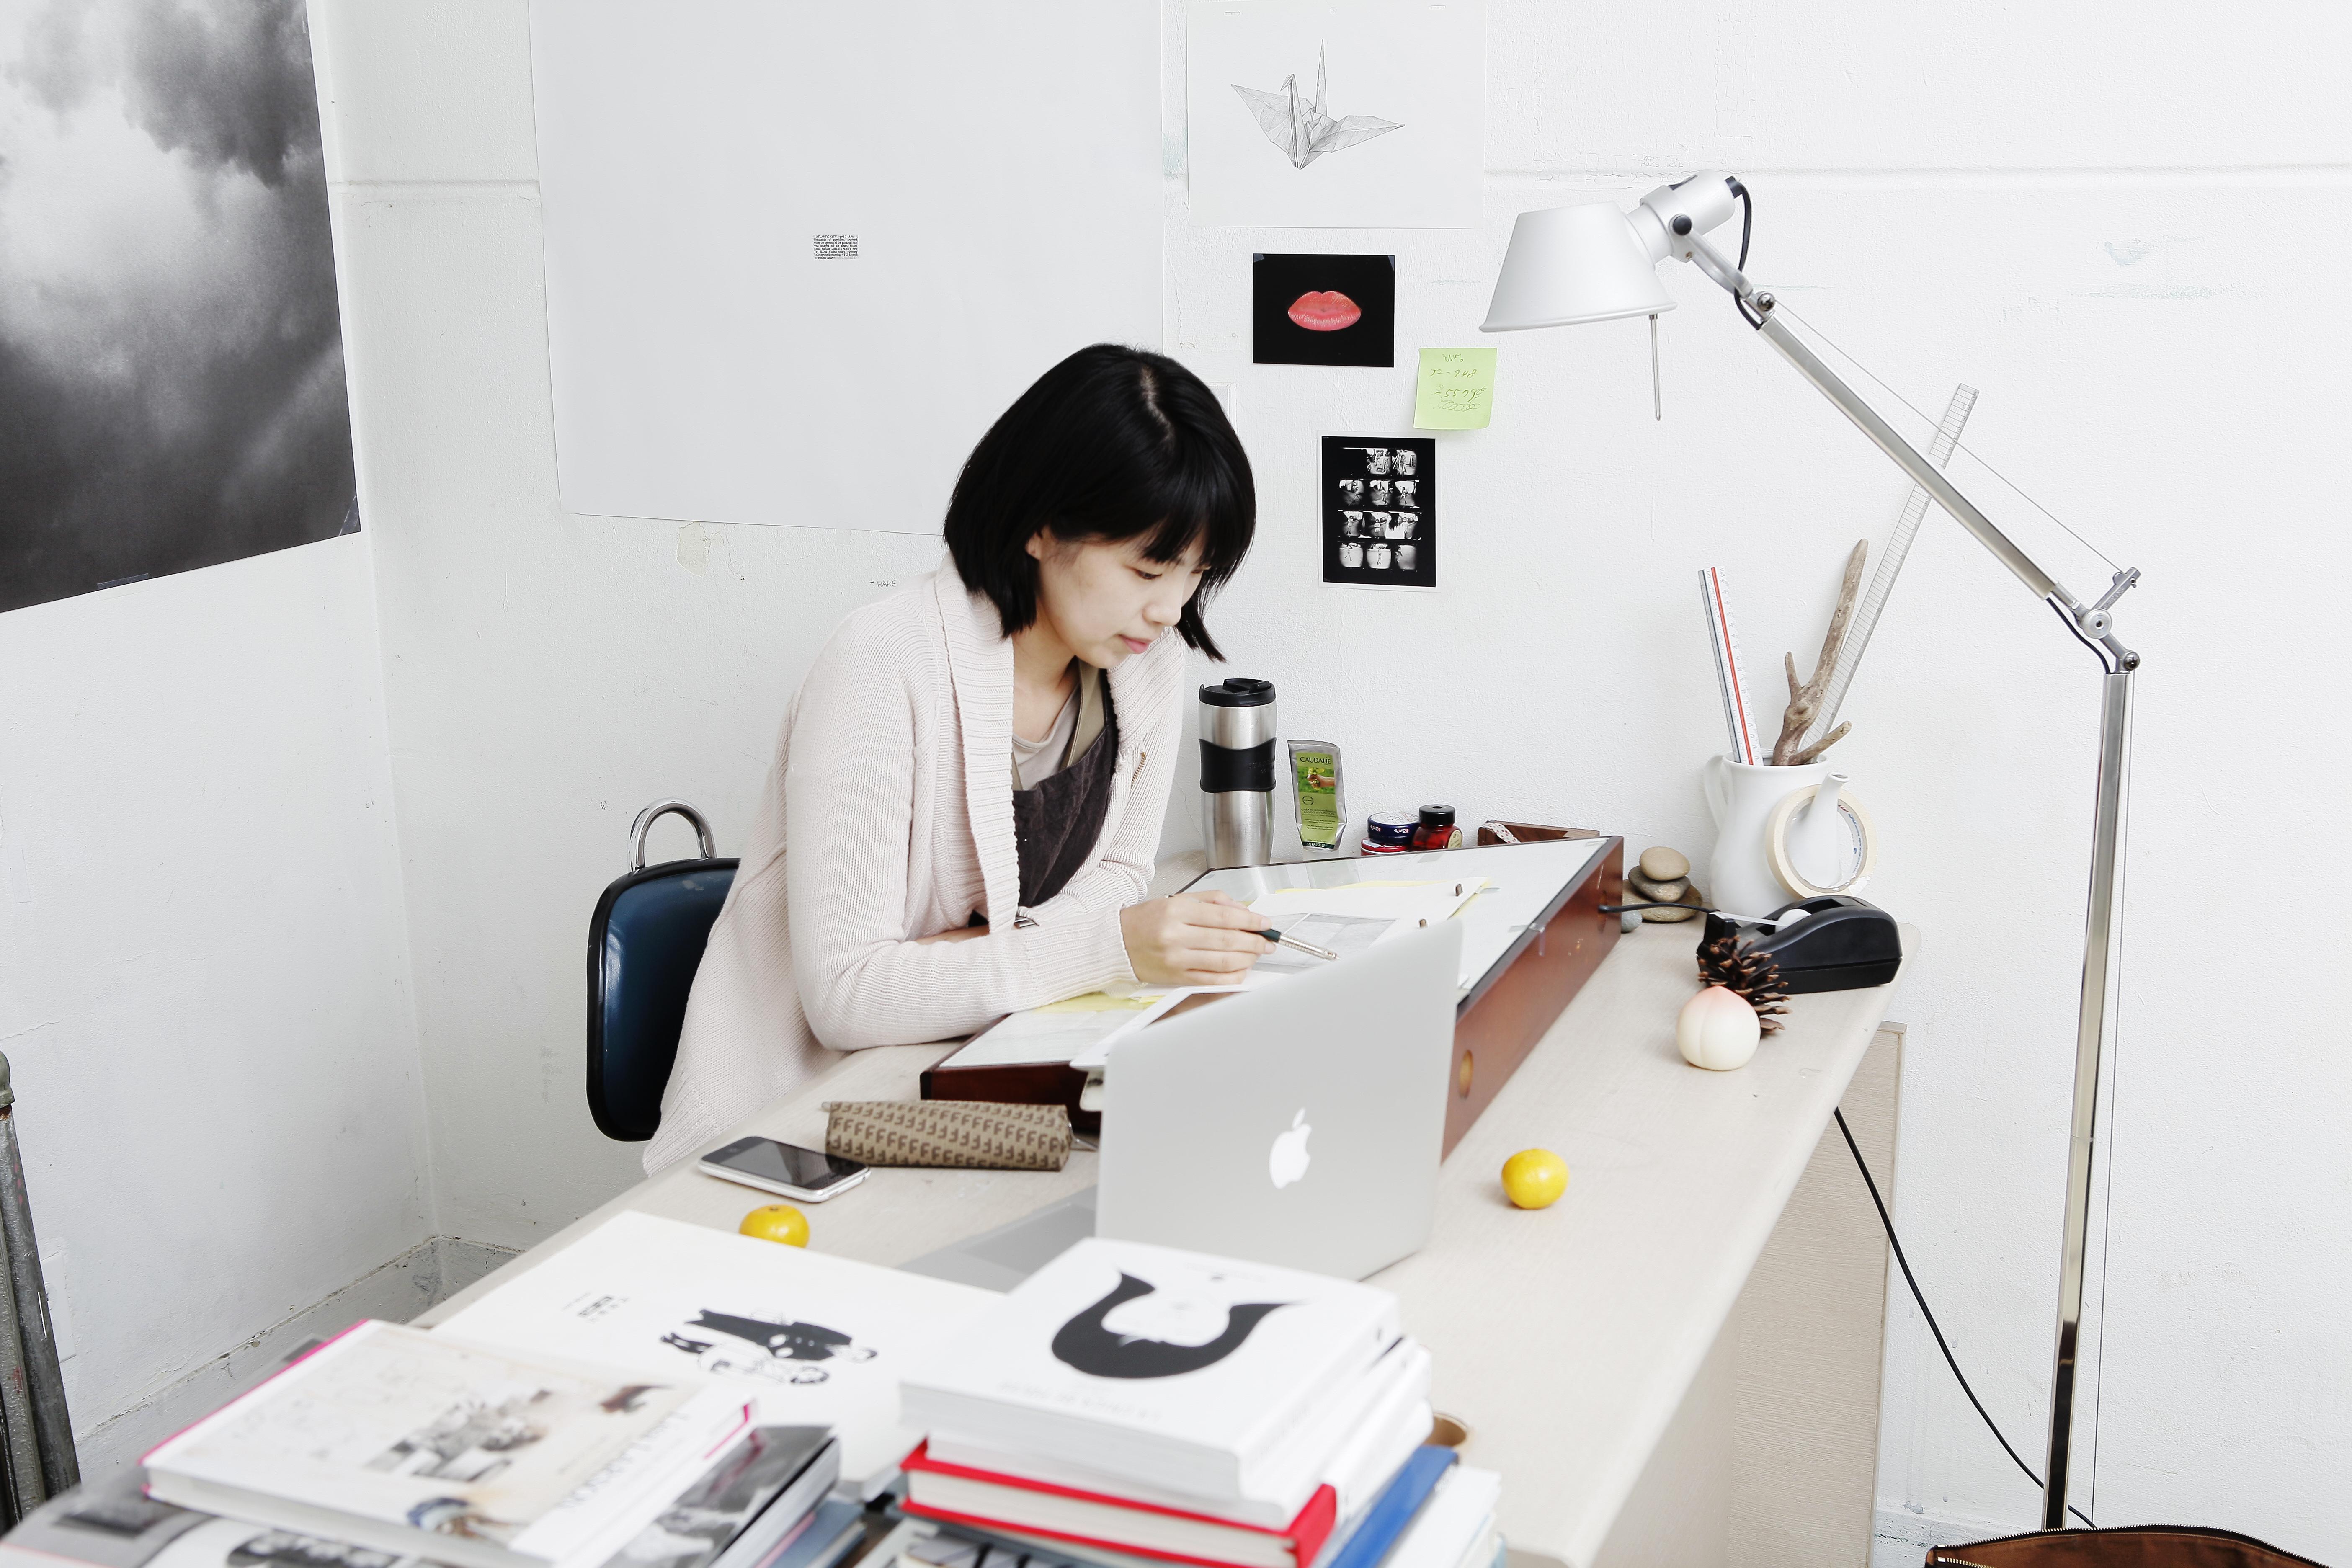 JOUNG Yumi